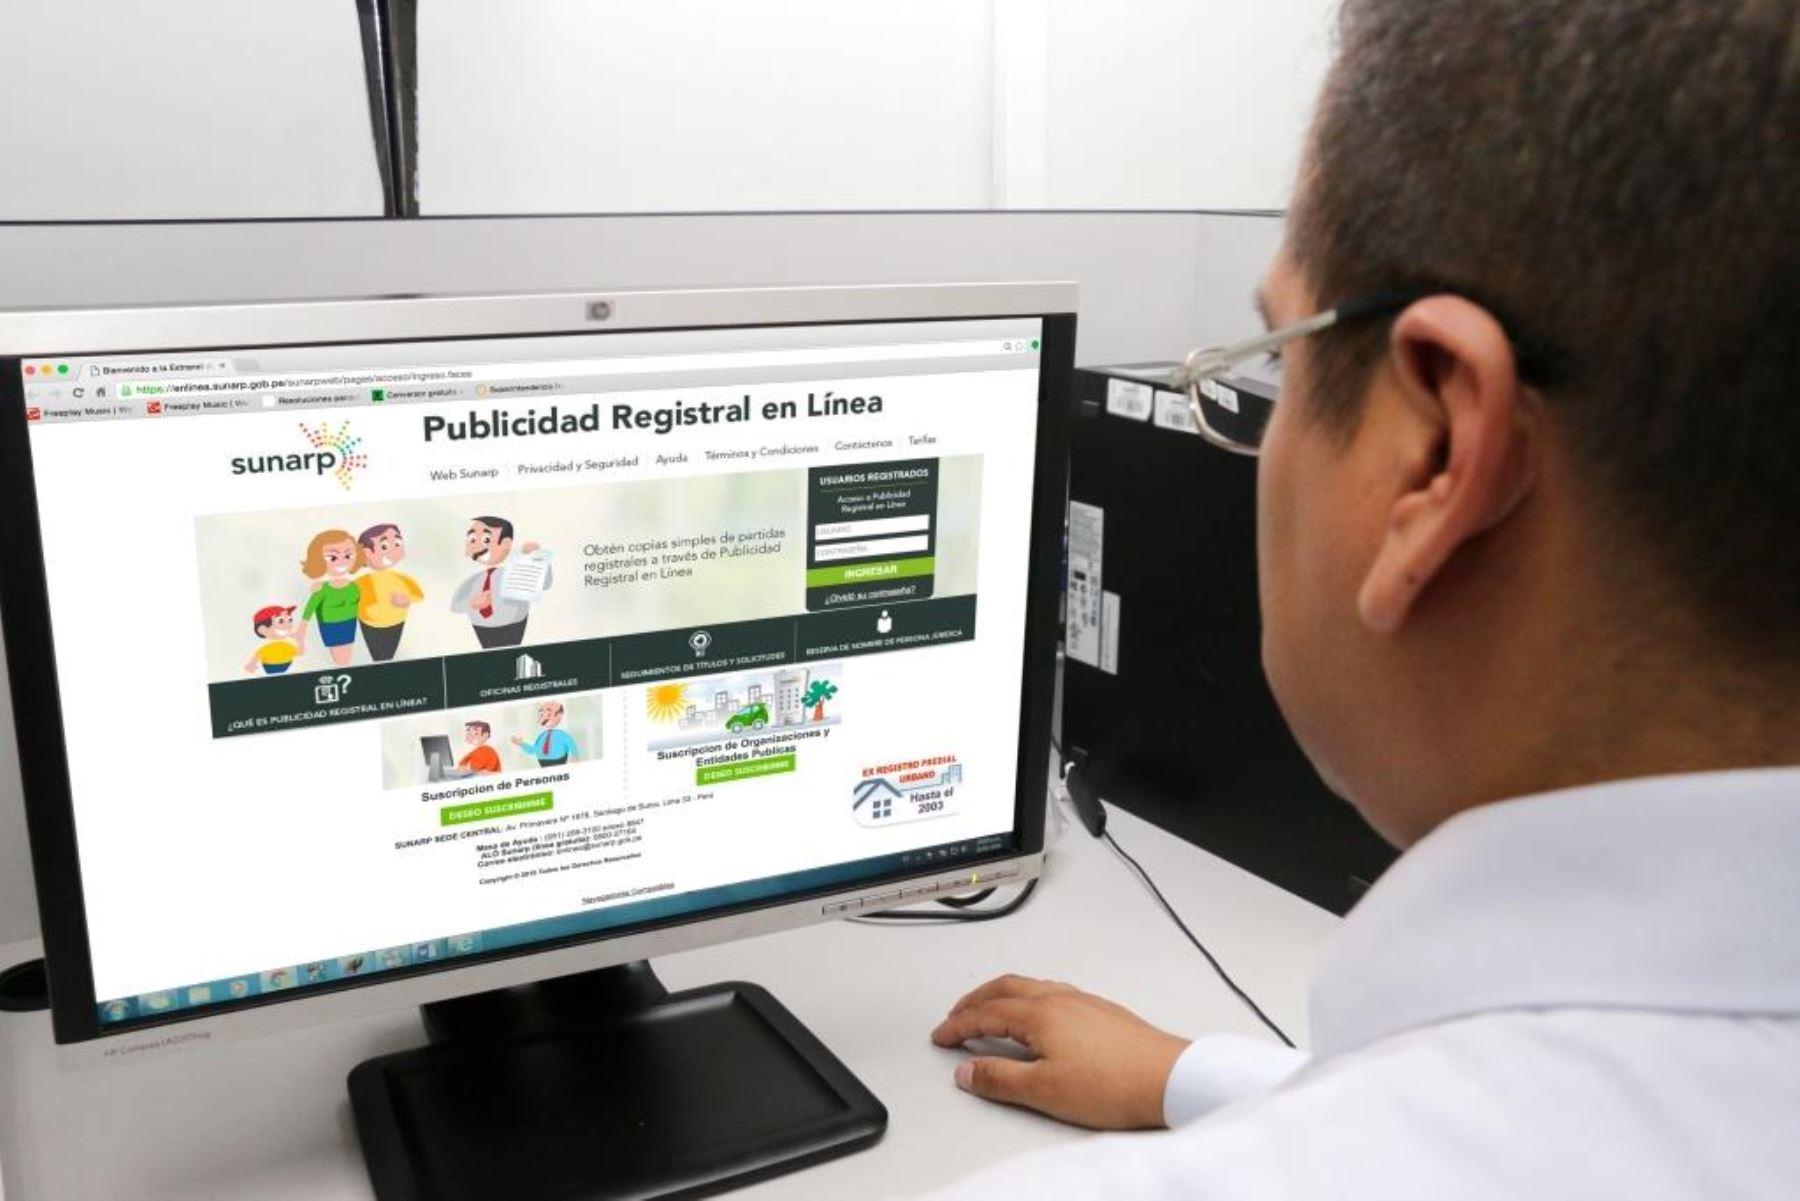 Usuarios podrán realizar este trámite a través del Servicio de Publicidad Registral en Línea.